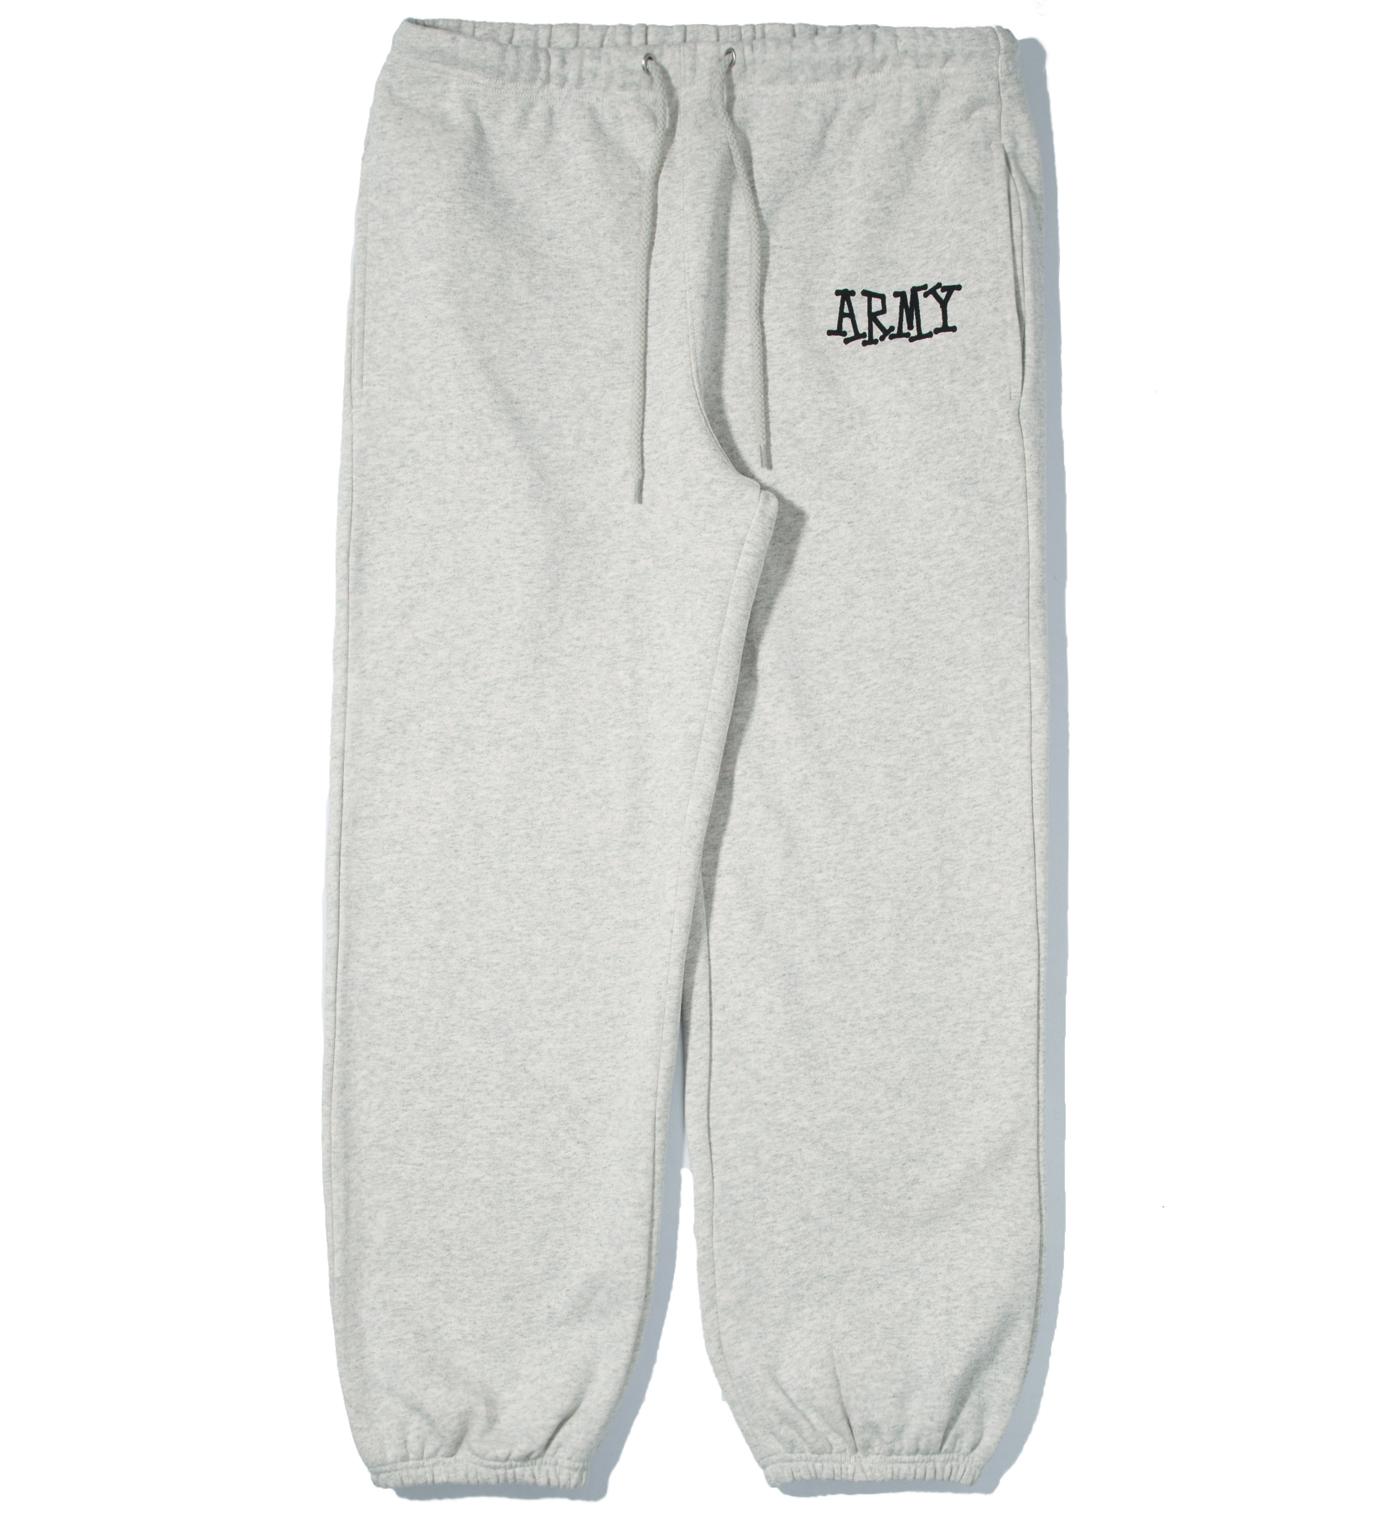 Stussy Heather Grey Army Sweatpants